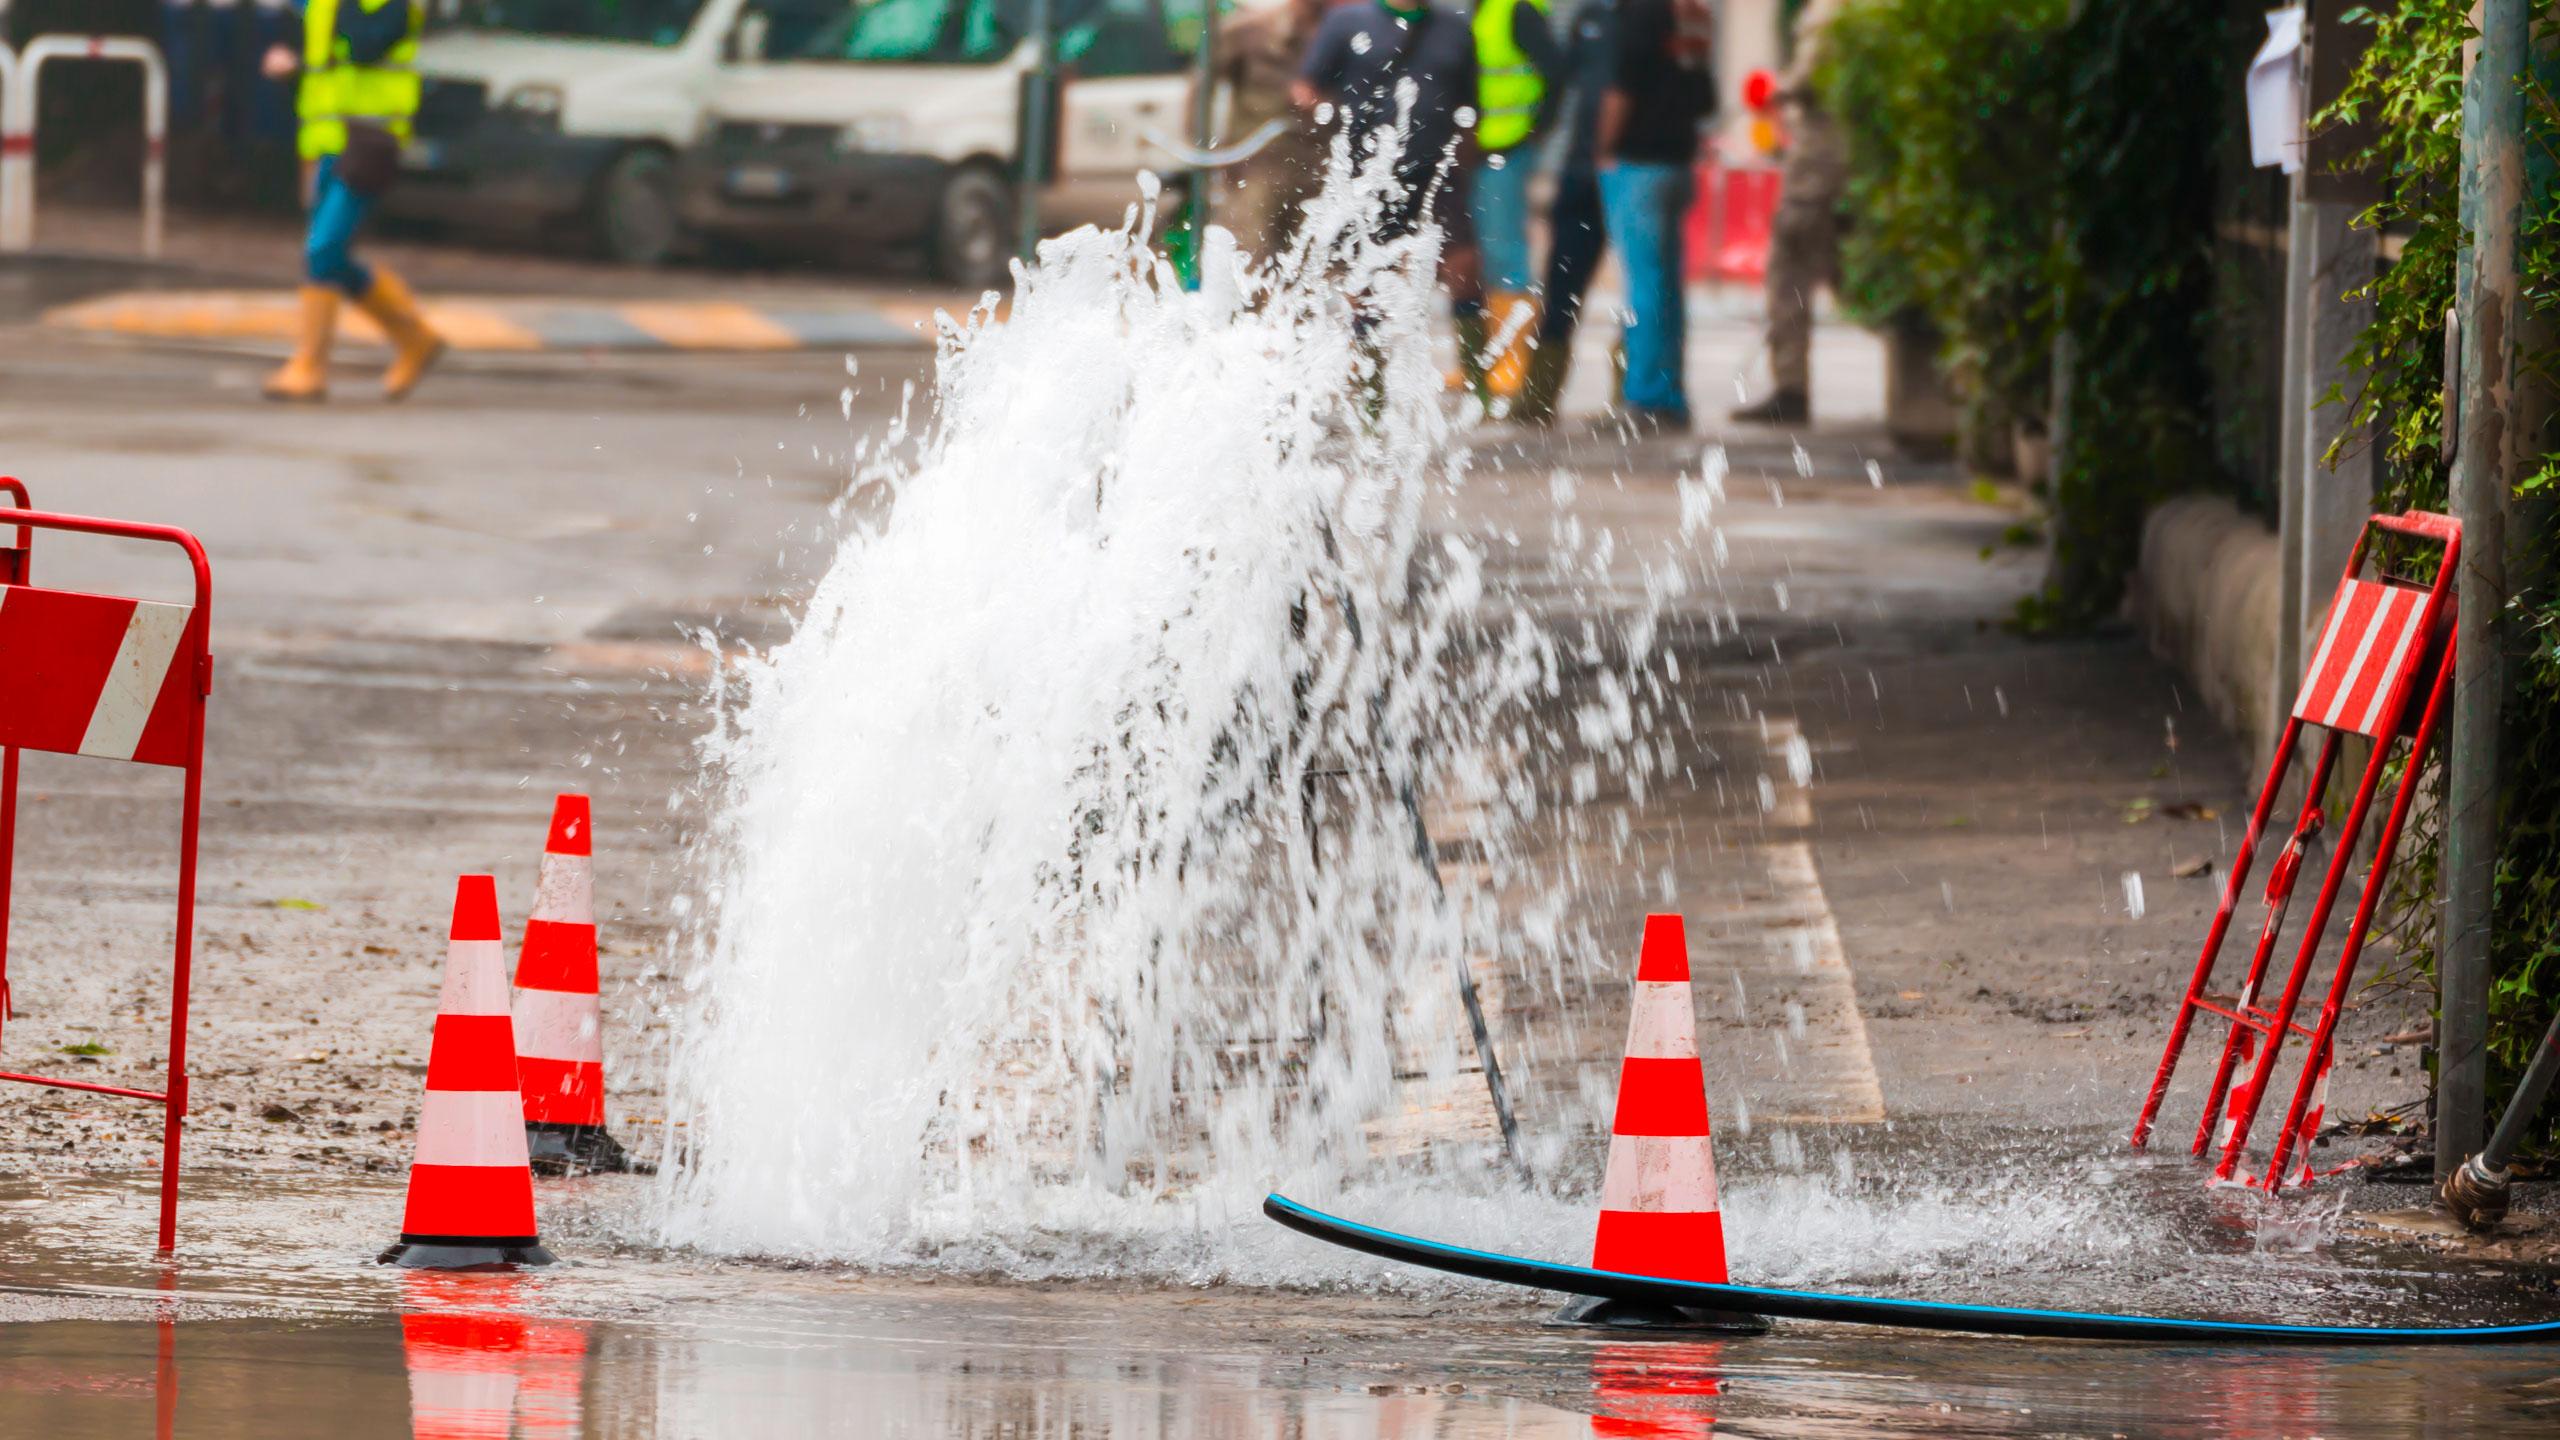 Vandlækage på en vej